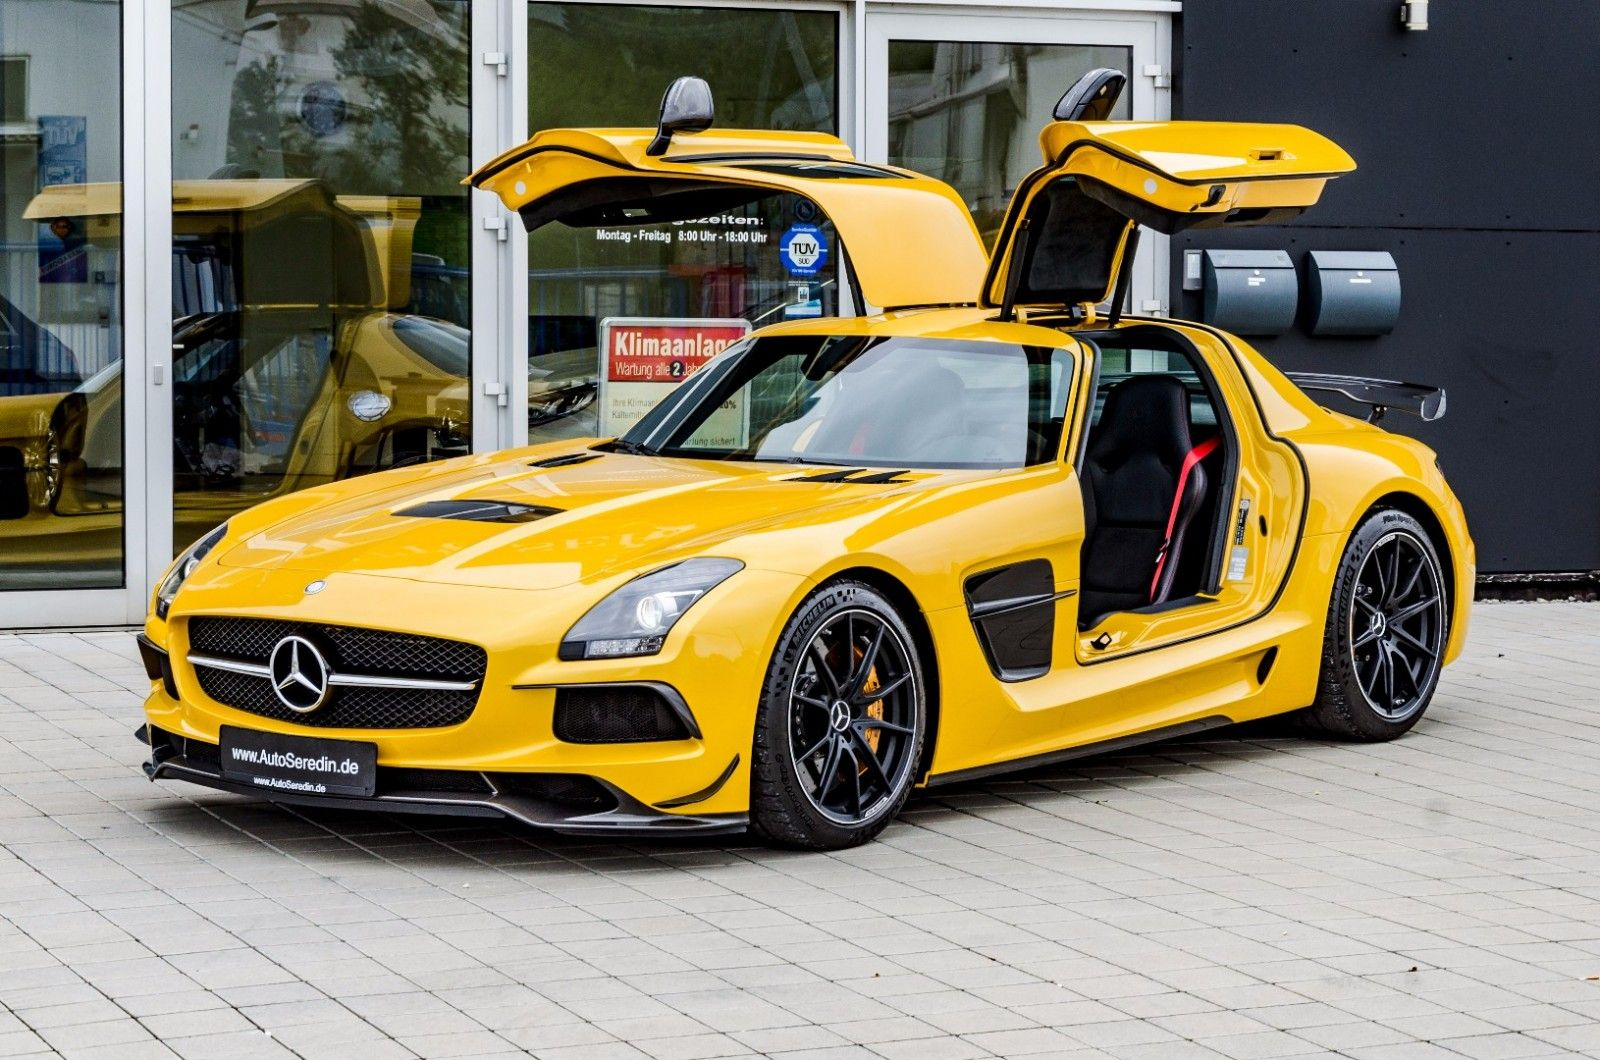 Mercedes Benz Sls Amg Blackseries Unfallfrei Solarbeam Export Price 750 000 Stosk B560 Fuel Consumption In Mercedes Benz Benz Gebrauchtwagen